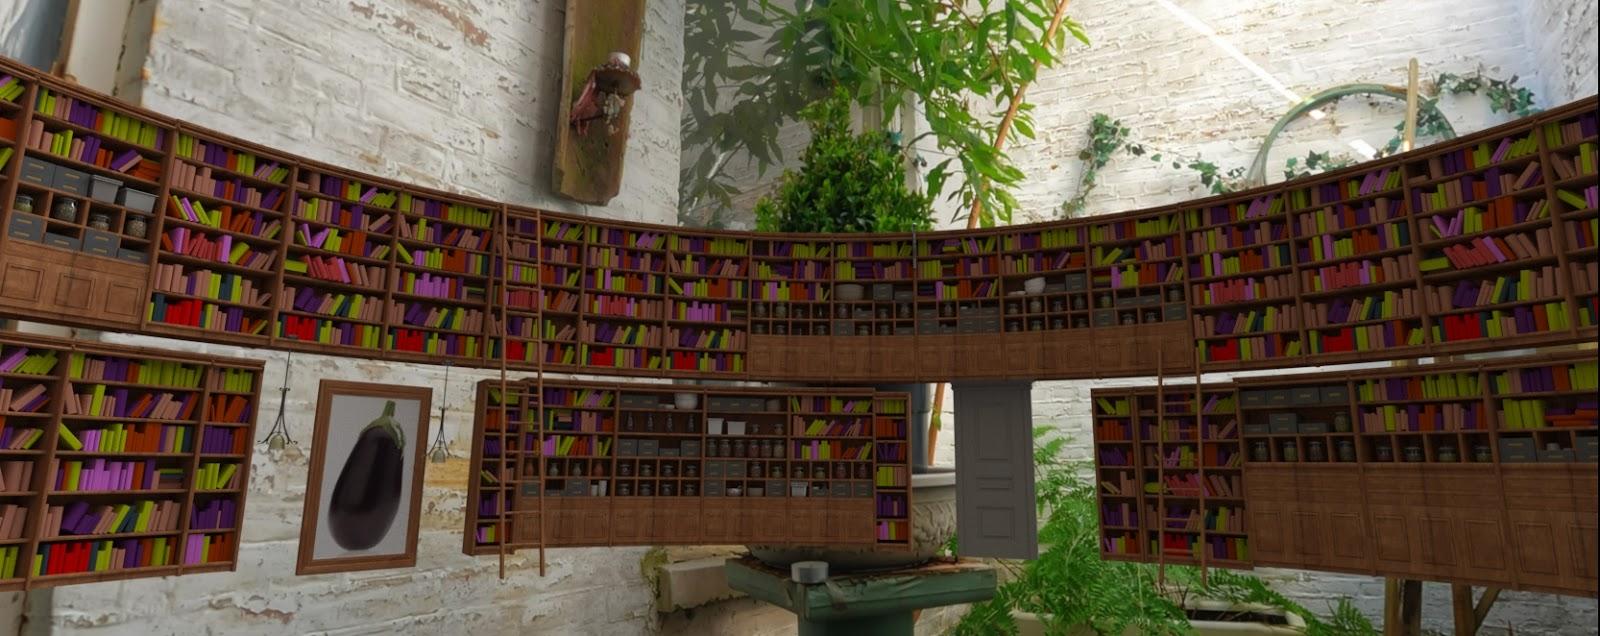 Bibliotheque_shadeWip_v01f_ml